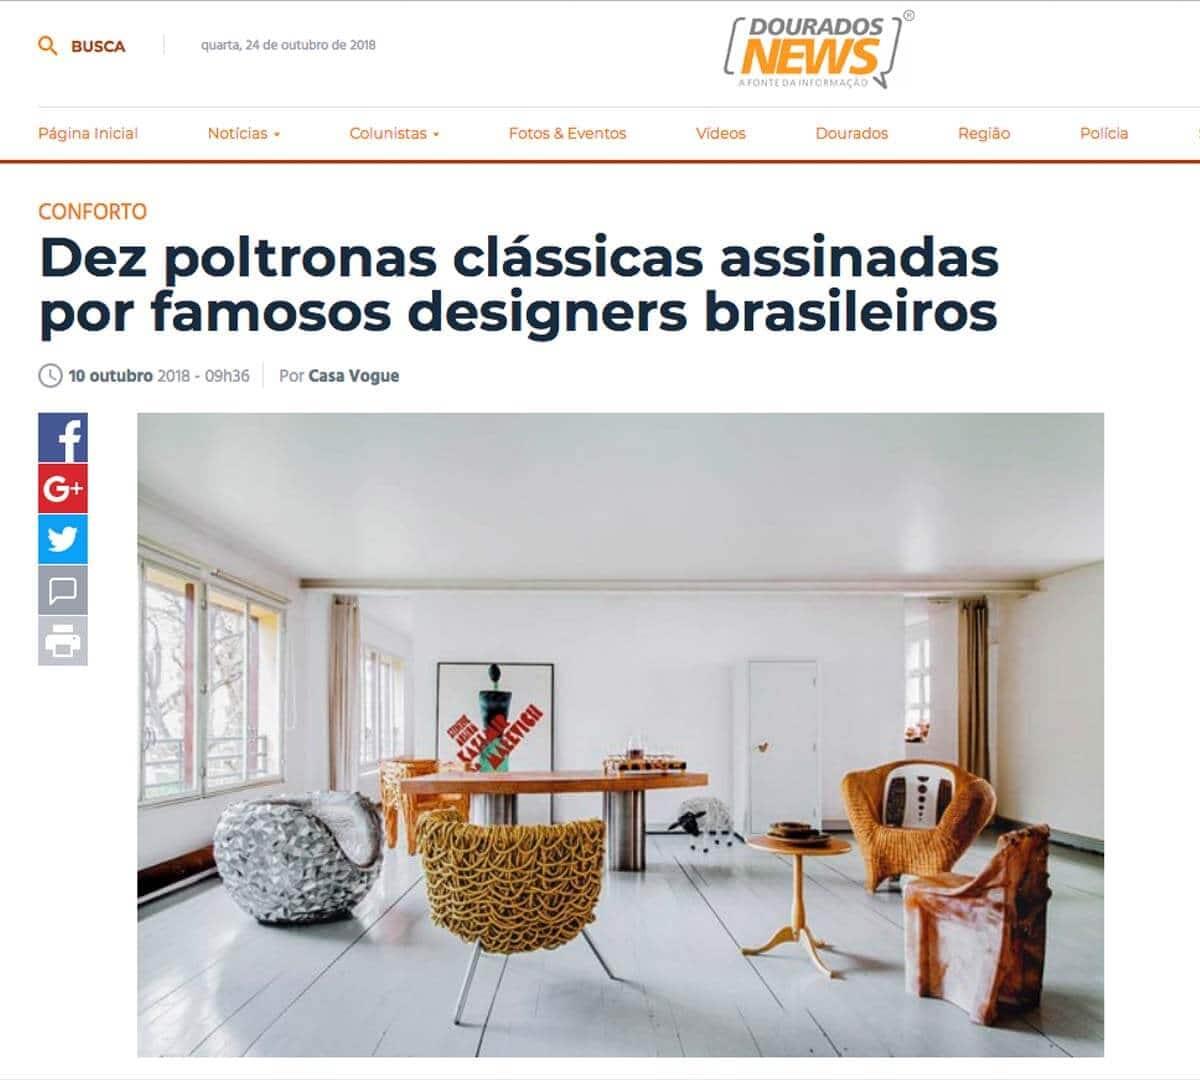 Clipping DouradosNews 1010 FDC1